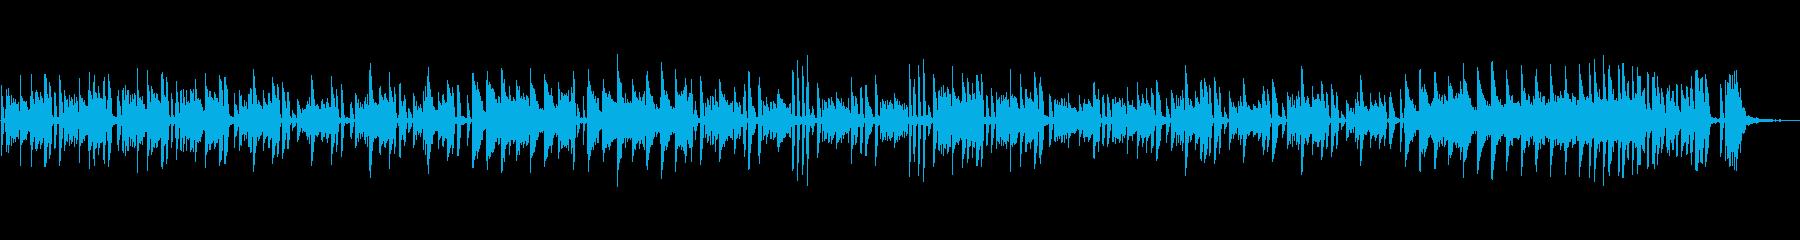 ベートーヴェン、明るいピアノソロの再生済みの波形